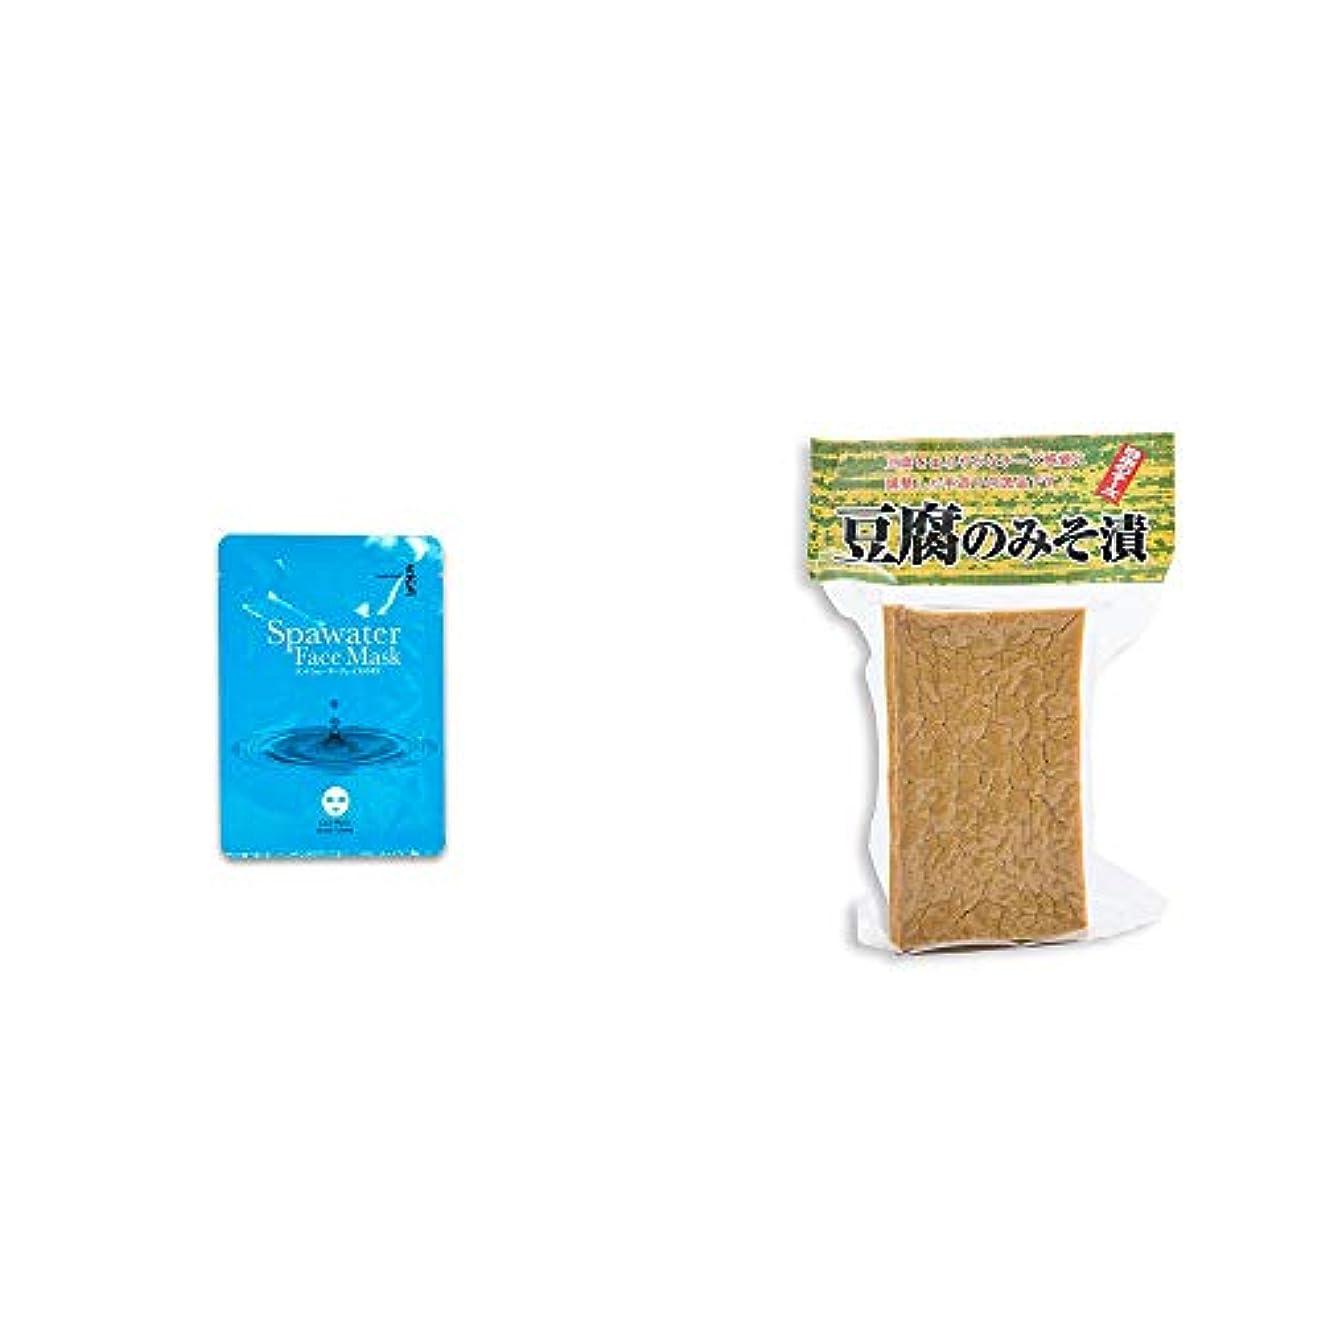 ネイティブ大いに家事[2点セット] ひのき炭黒泉 スパウォーターフェイスマスク(18ml×3枚入)?日本のチーズ 豆腐のみそ漬(1個入)